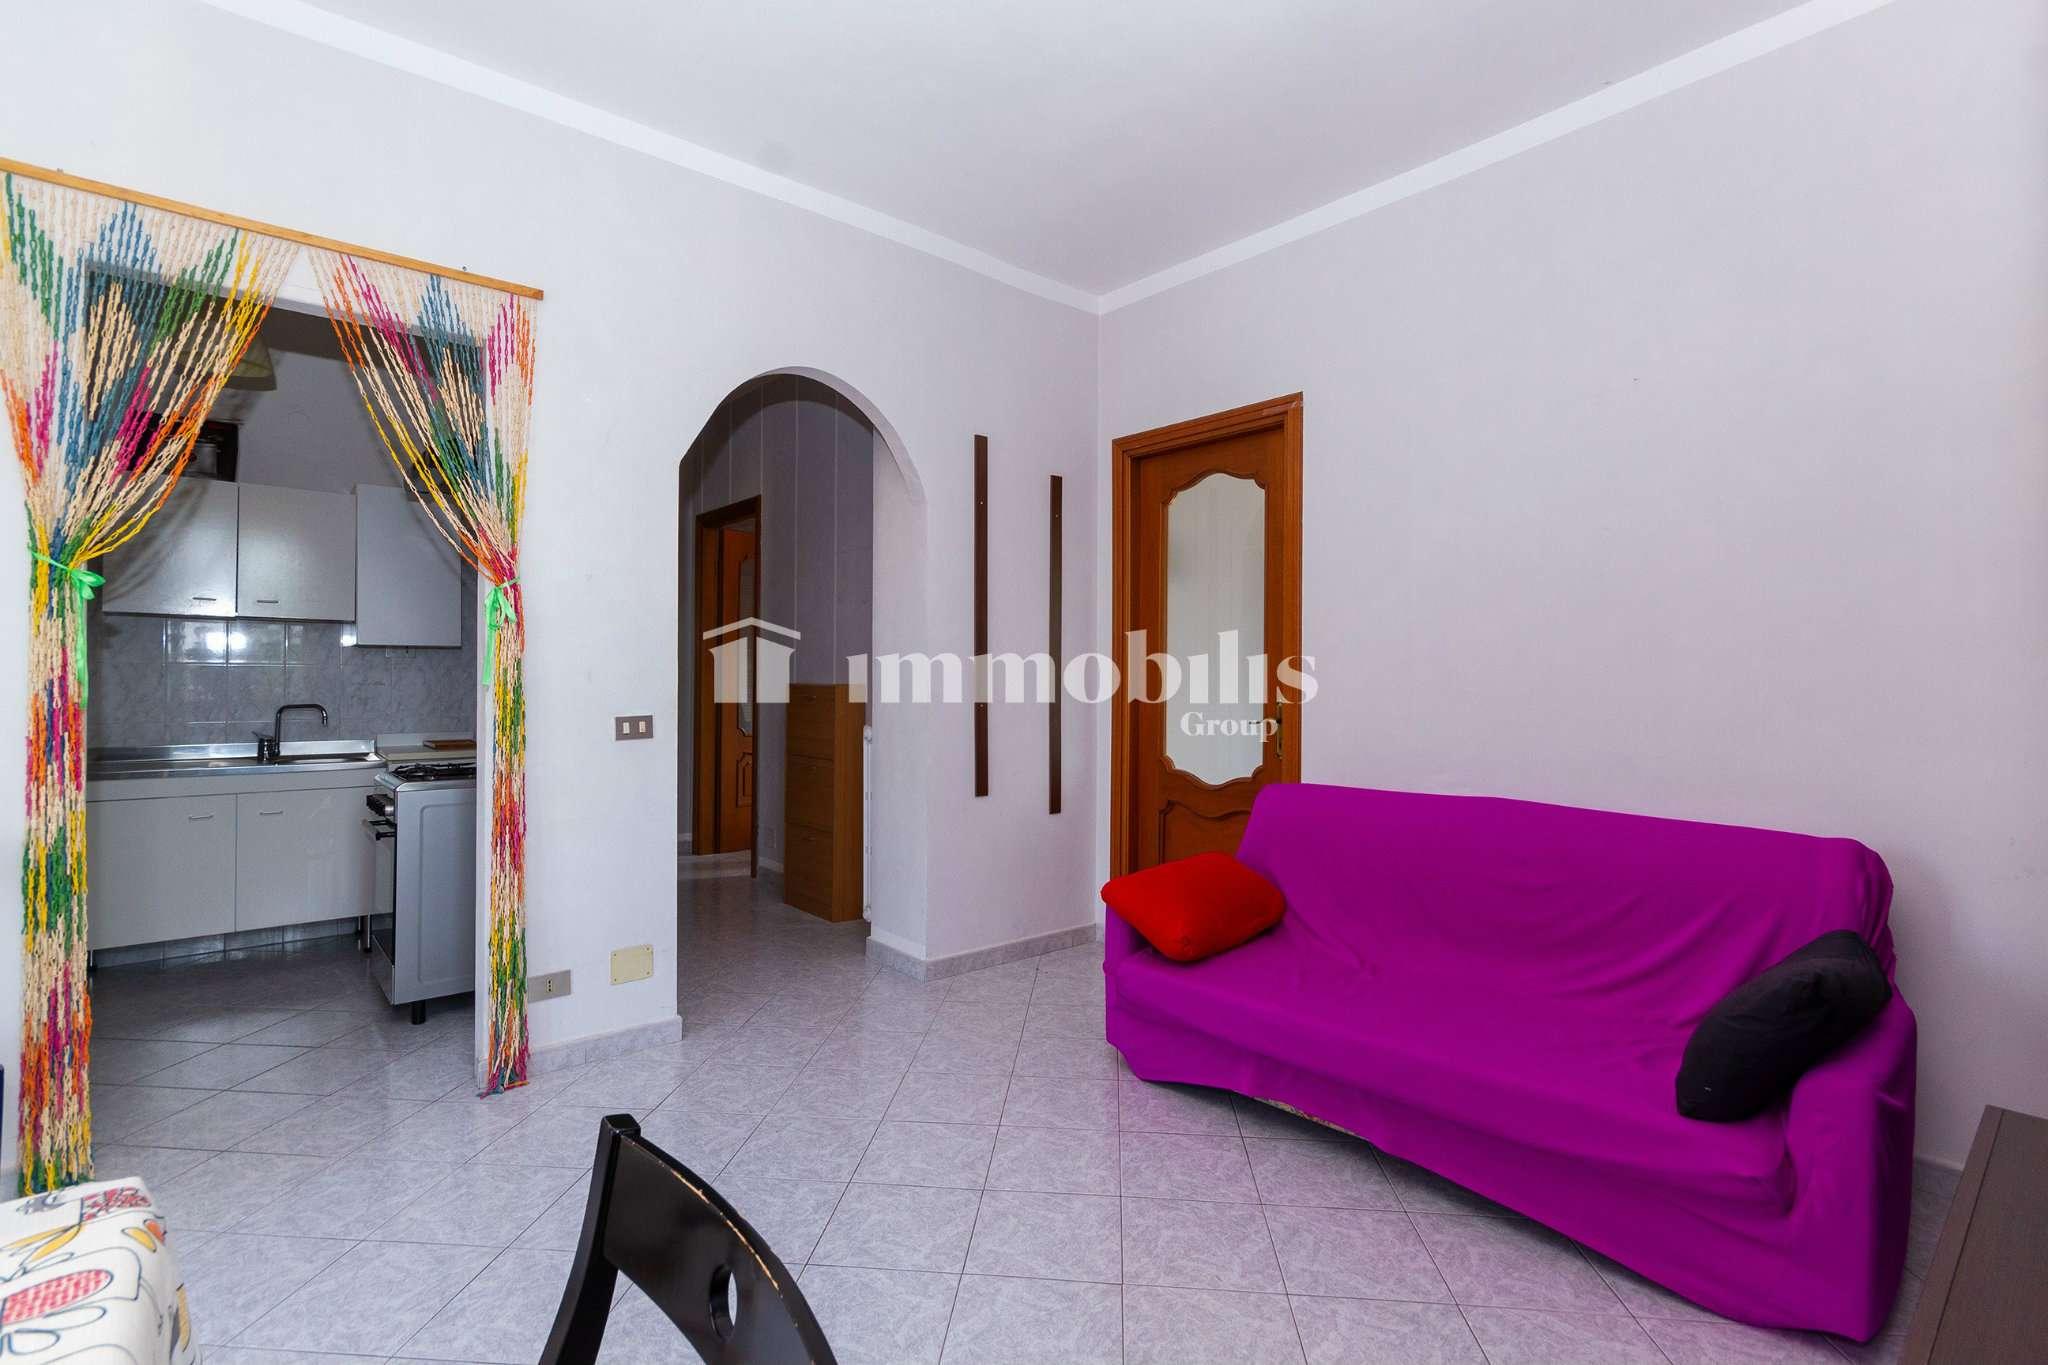 Appartamento in affitto a Grugliasco, 3 locali, prezzo € 500 | CambioCasa.it